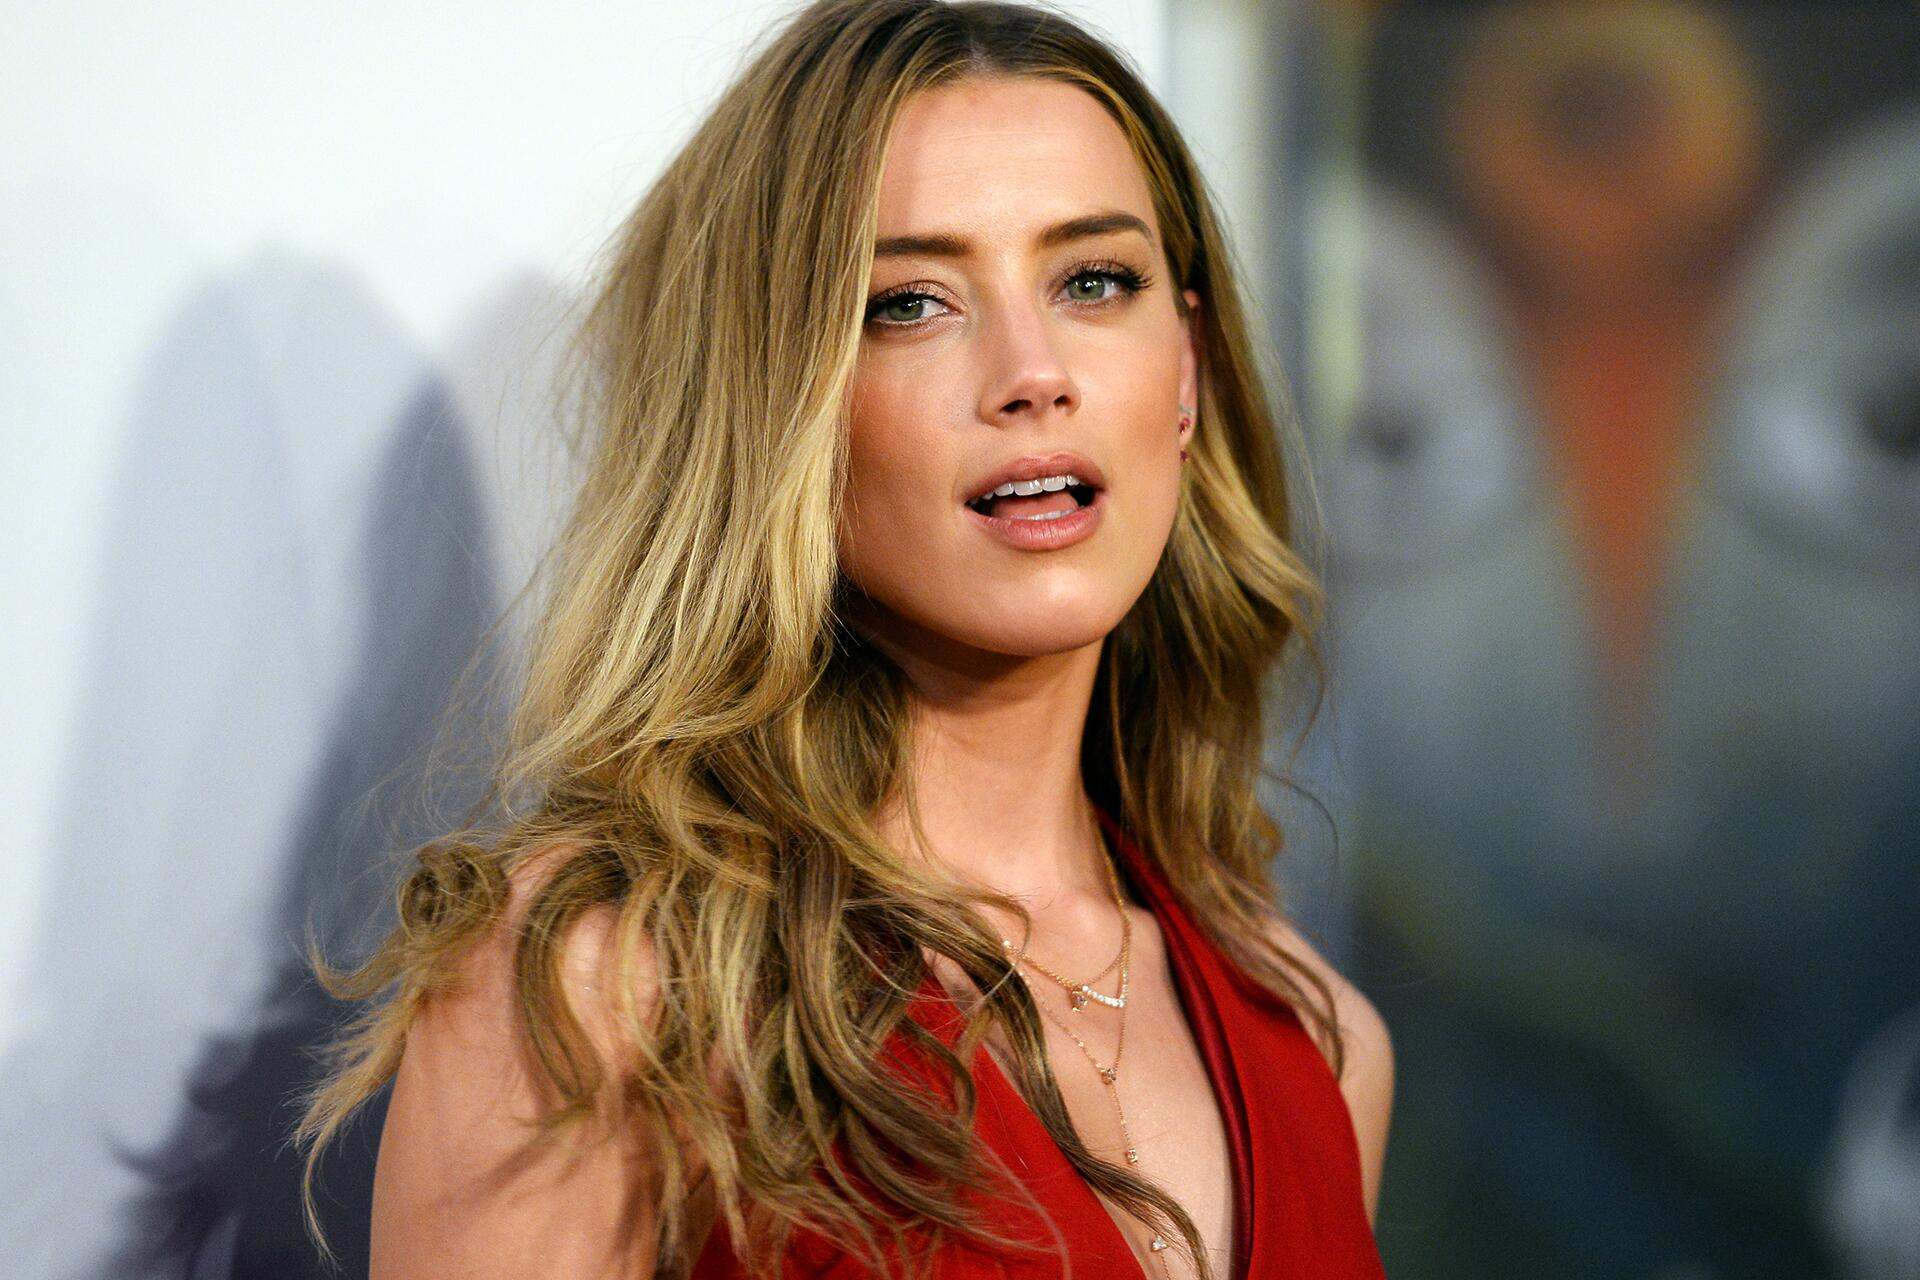 Bild zu Amber Heard, Johnny Depp, Spende, Scheidung